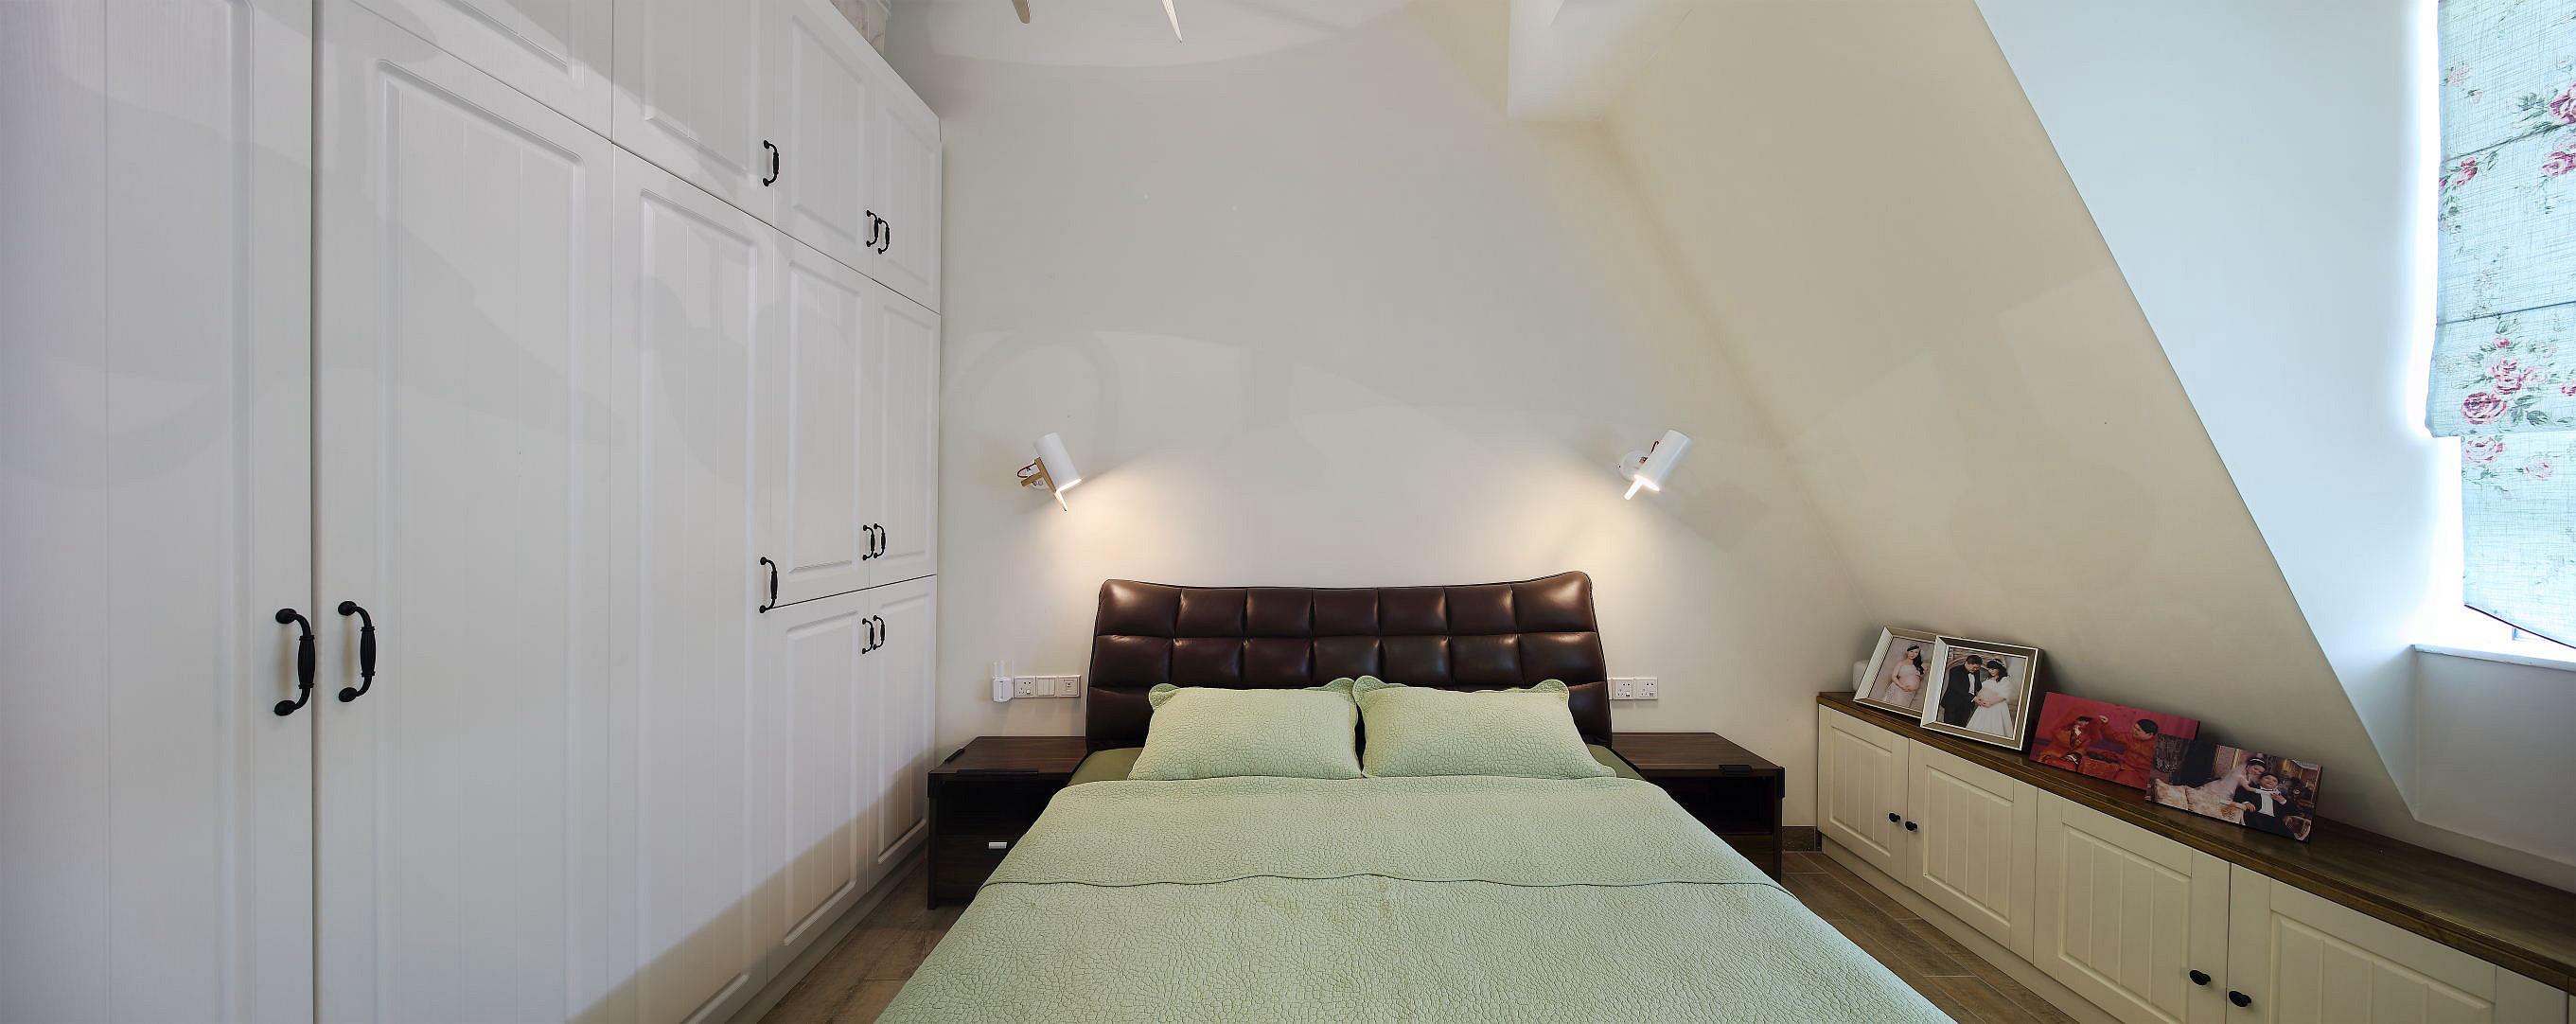 复式北欧风格家卧室设计图